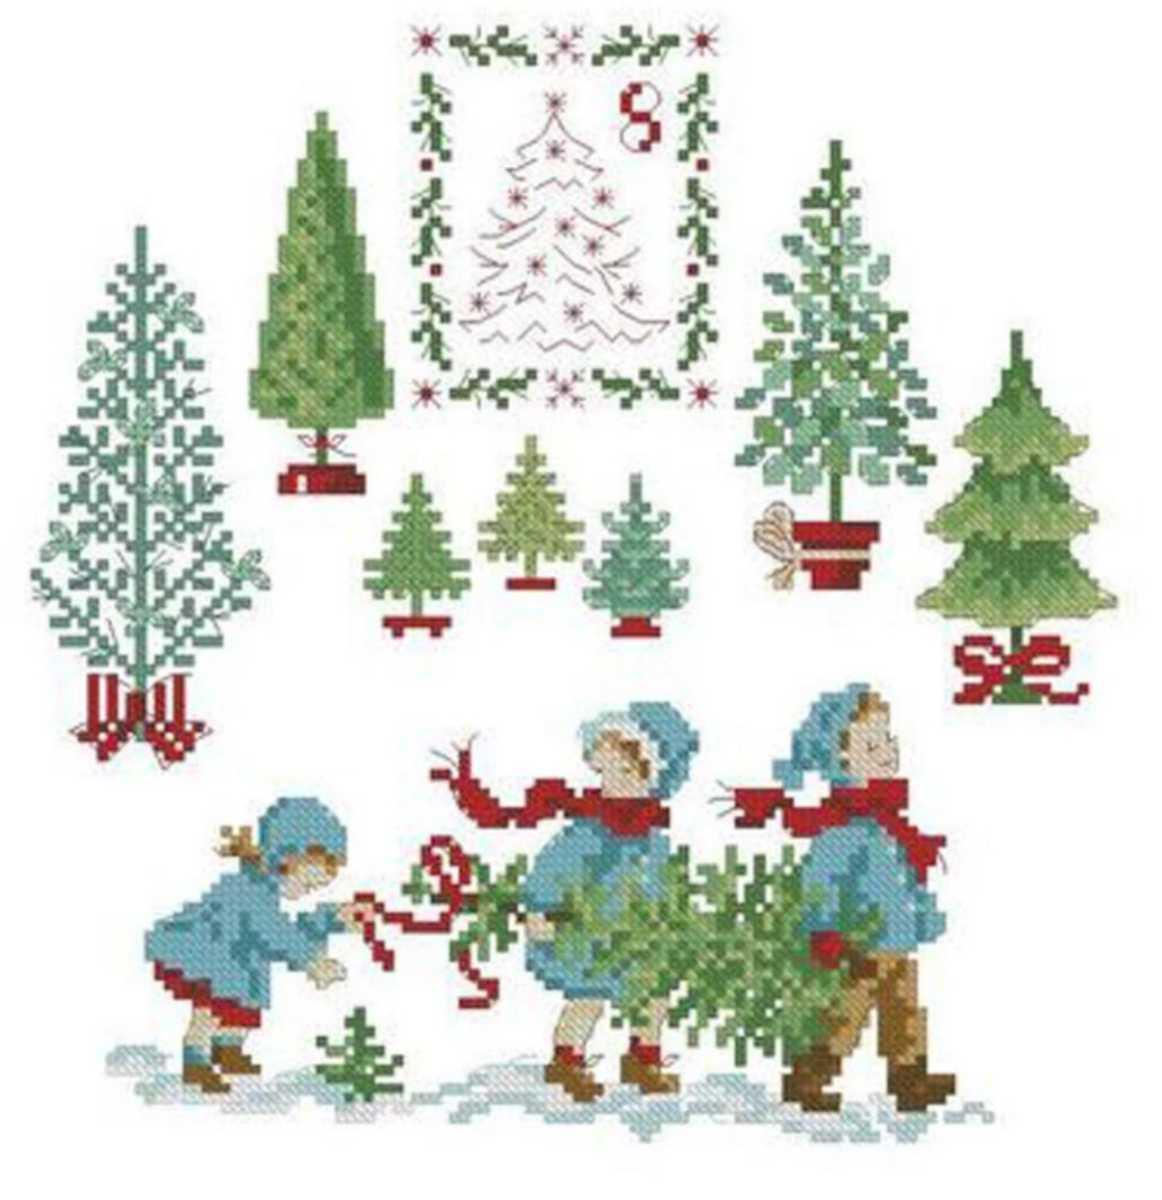 クロスステッチキット◆モミの木と子どもたち◆クリスマスツリー◆刺繍キット 初心者